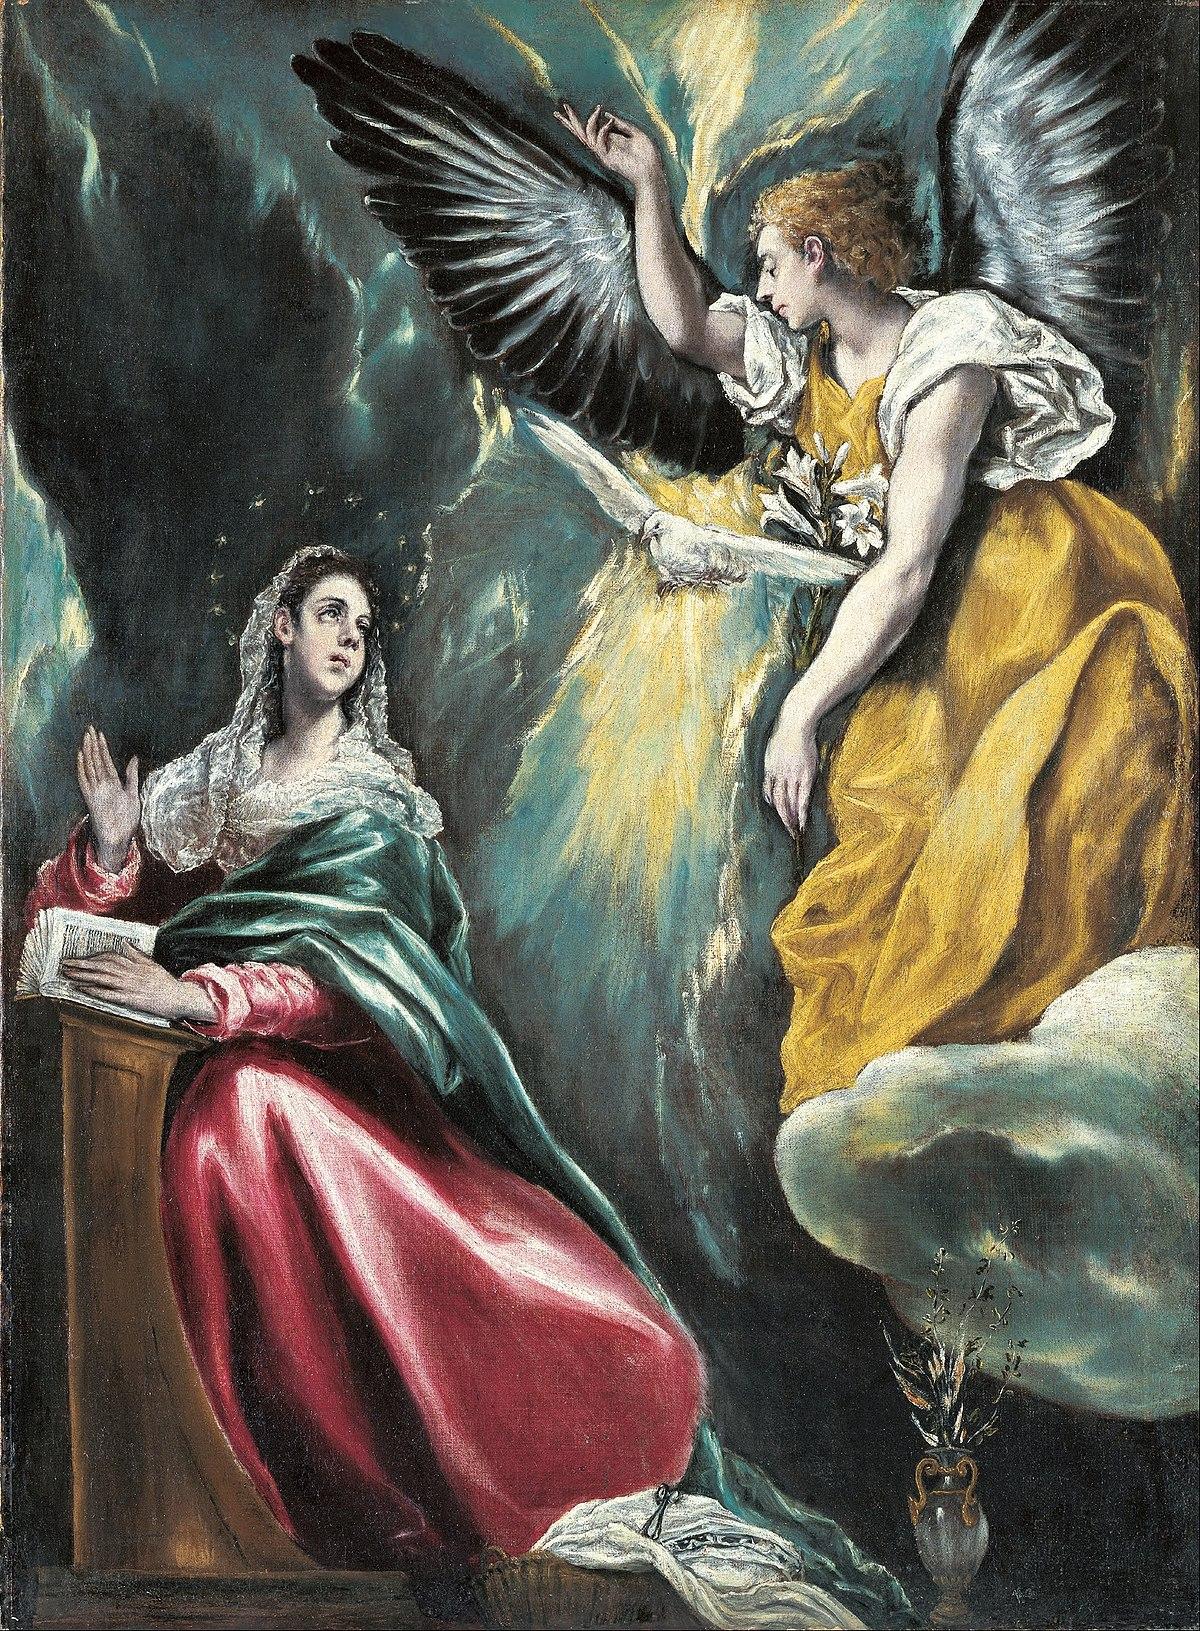 El GRECO (Domenikos Theotokopoulos) - Annunciation - Google Art Project.jpg